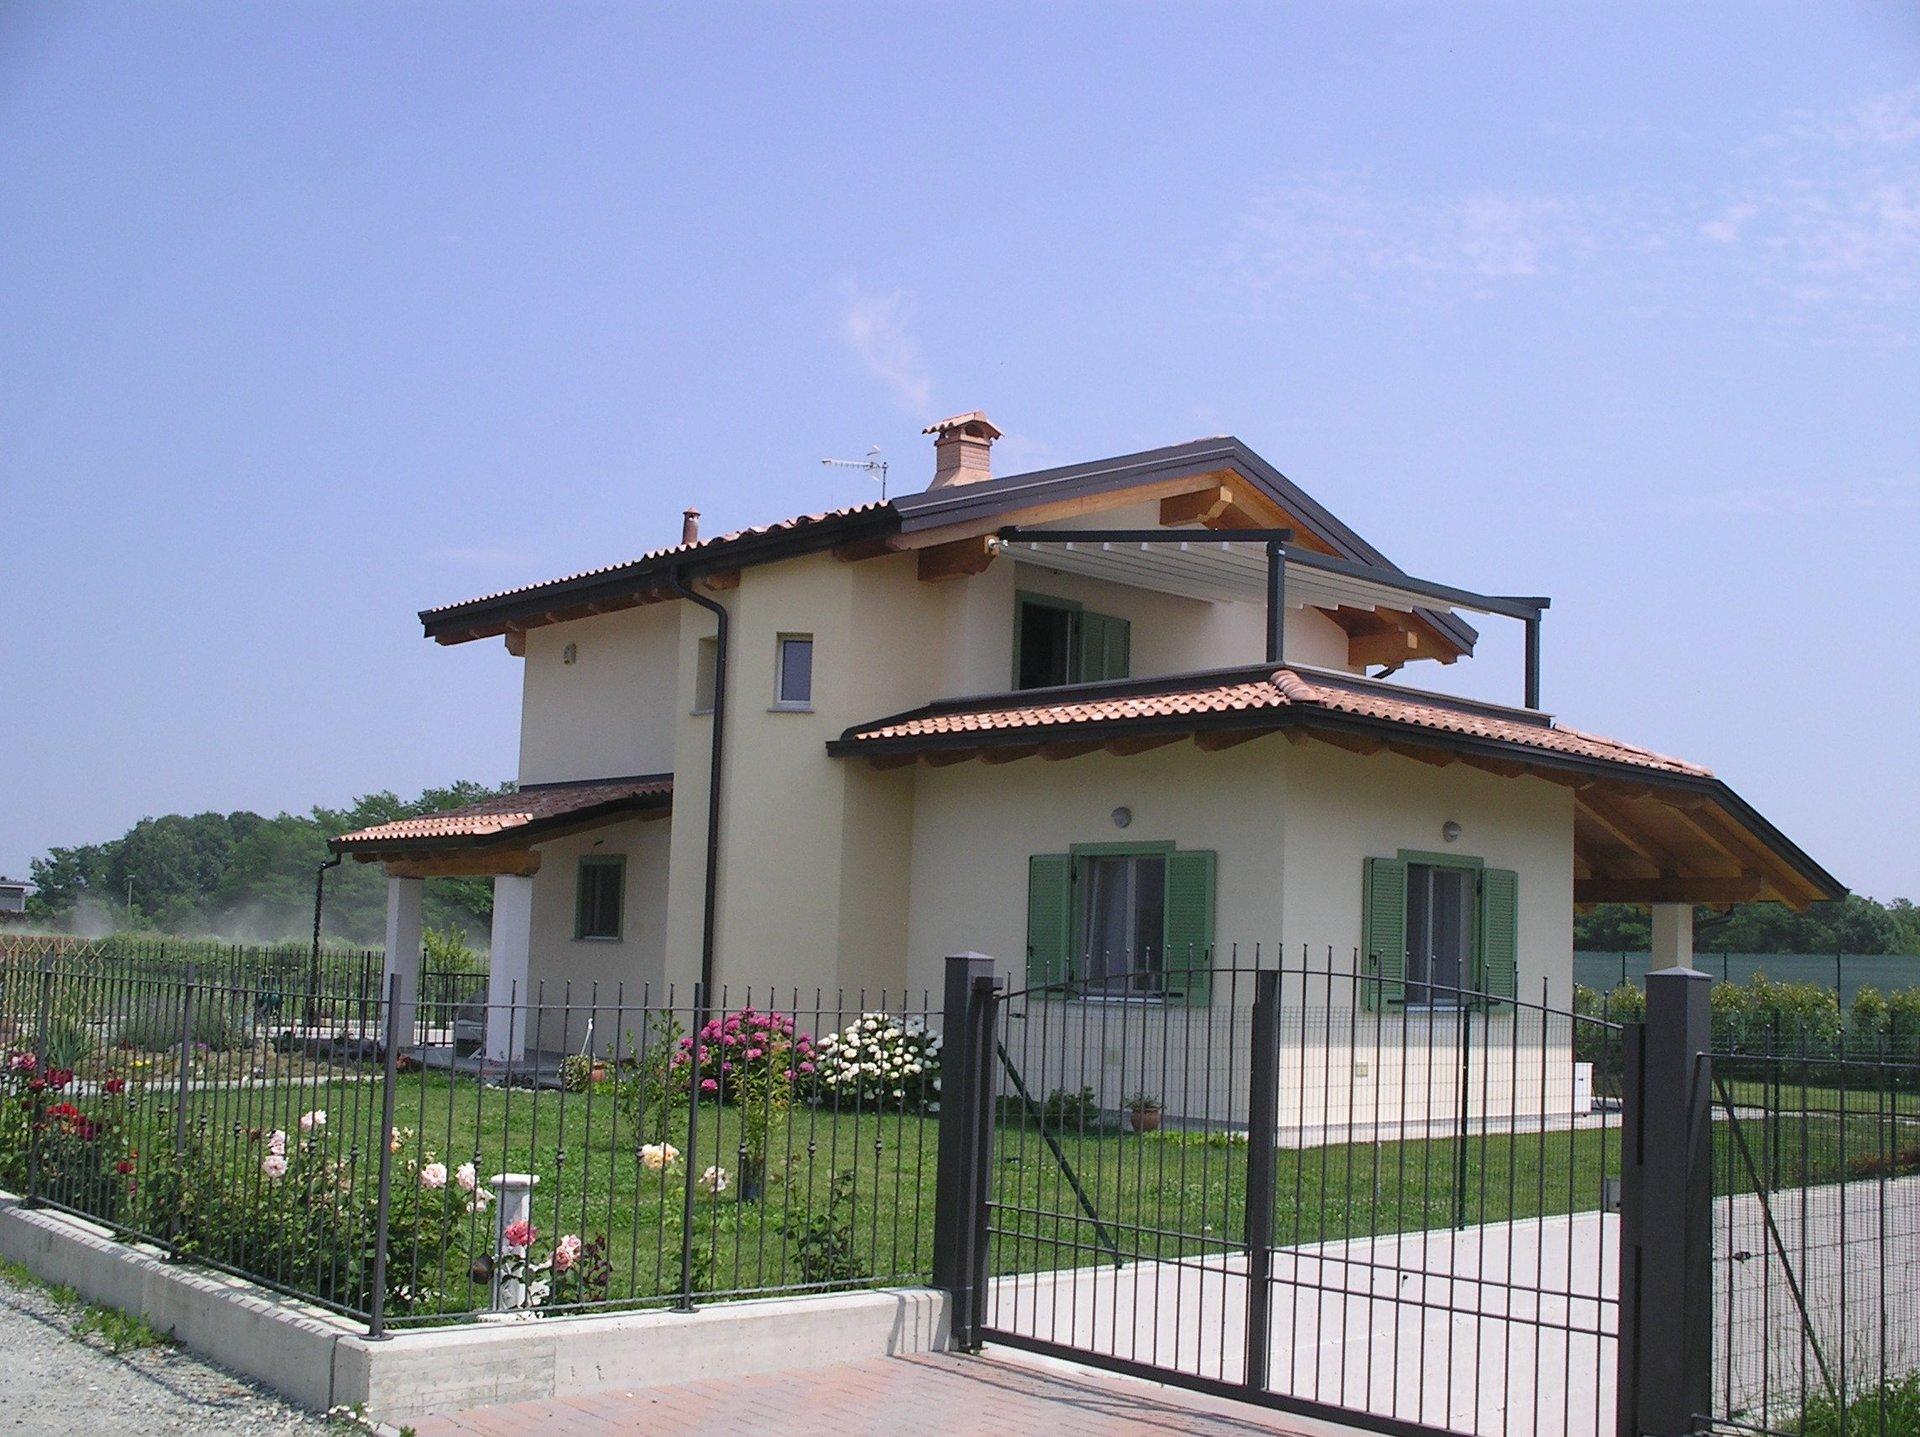 una casa indipendente con giardino verde , cancello in ferro e ringhiera